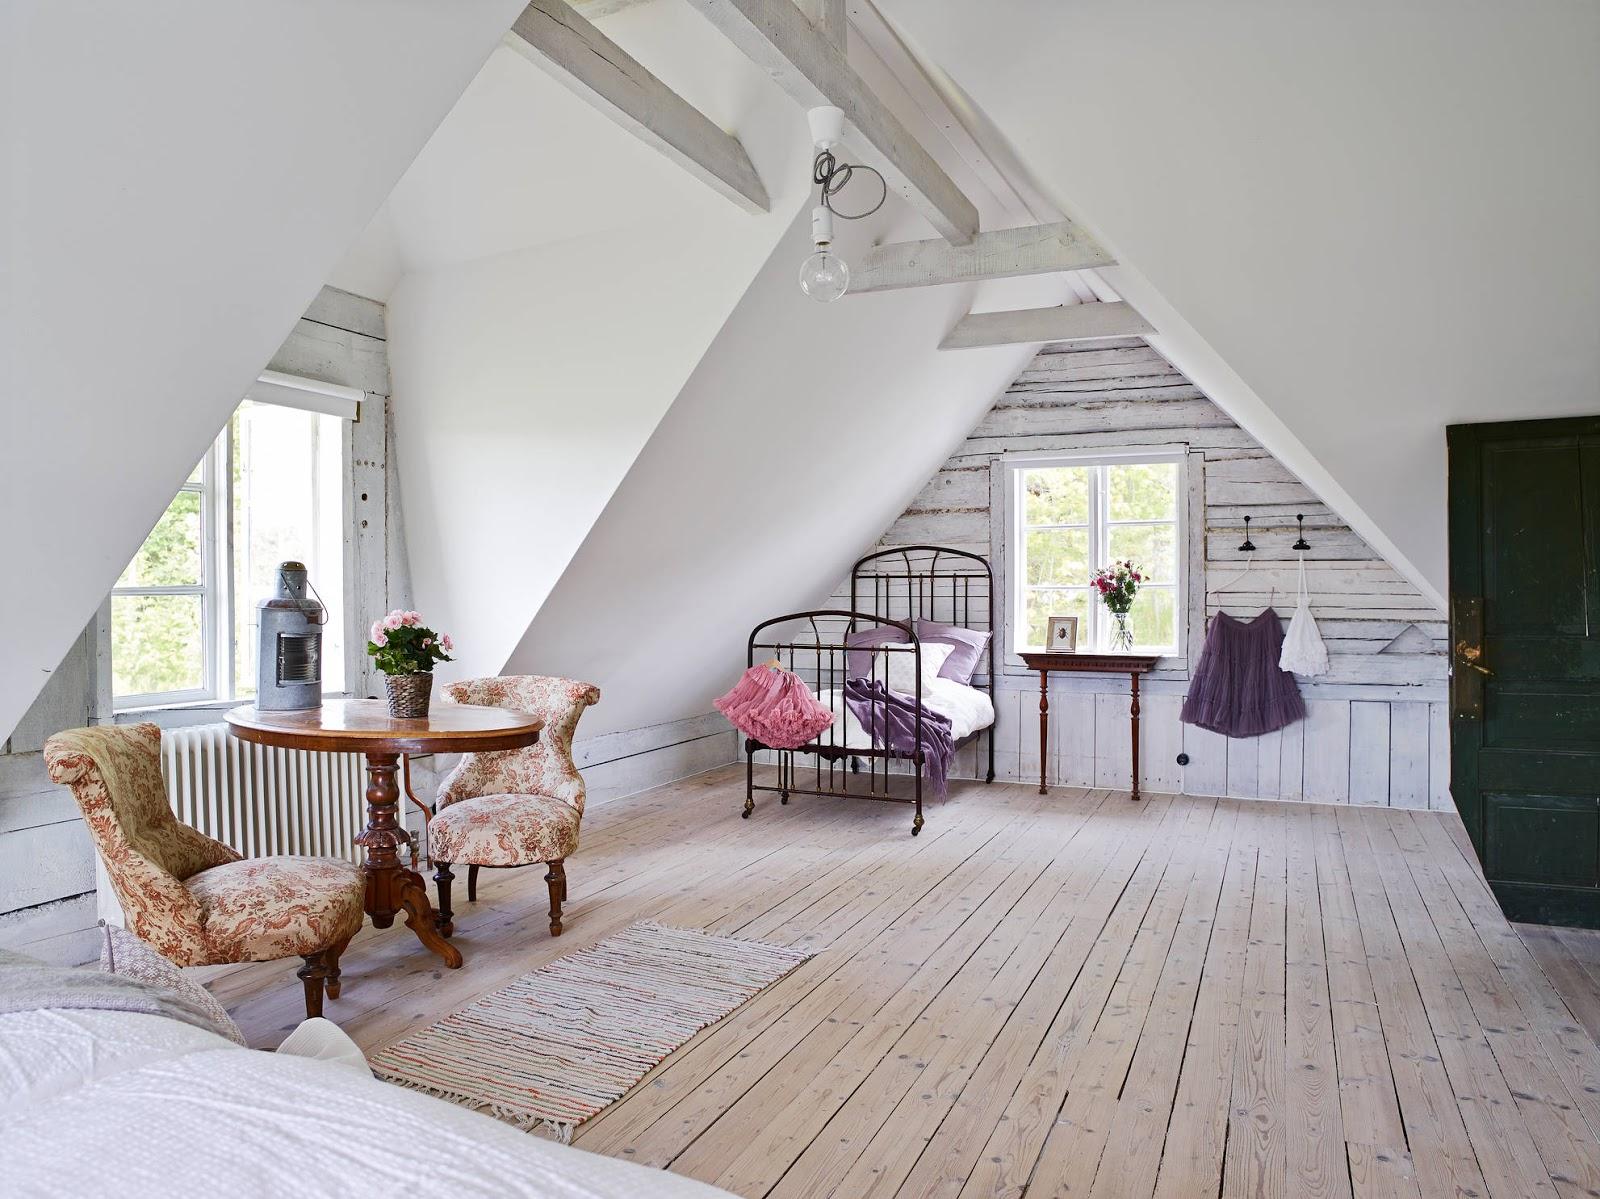 bedroom attics - HD1280×959